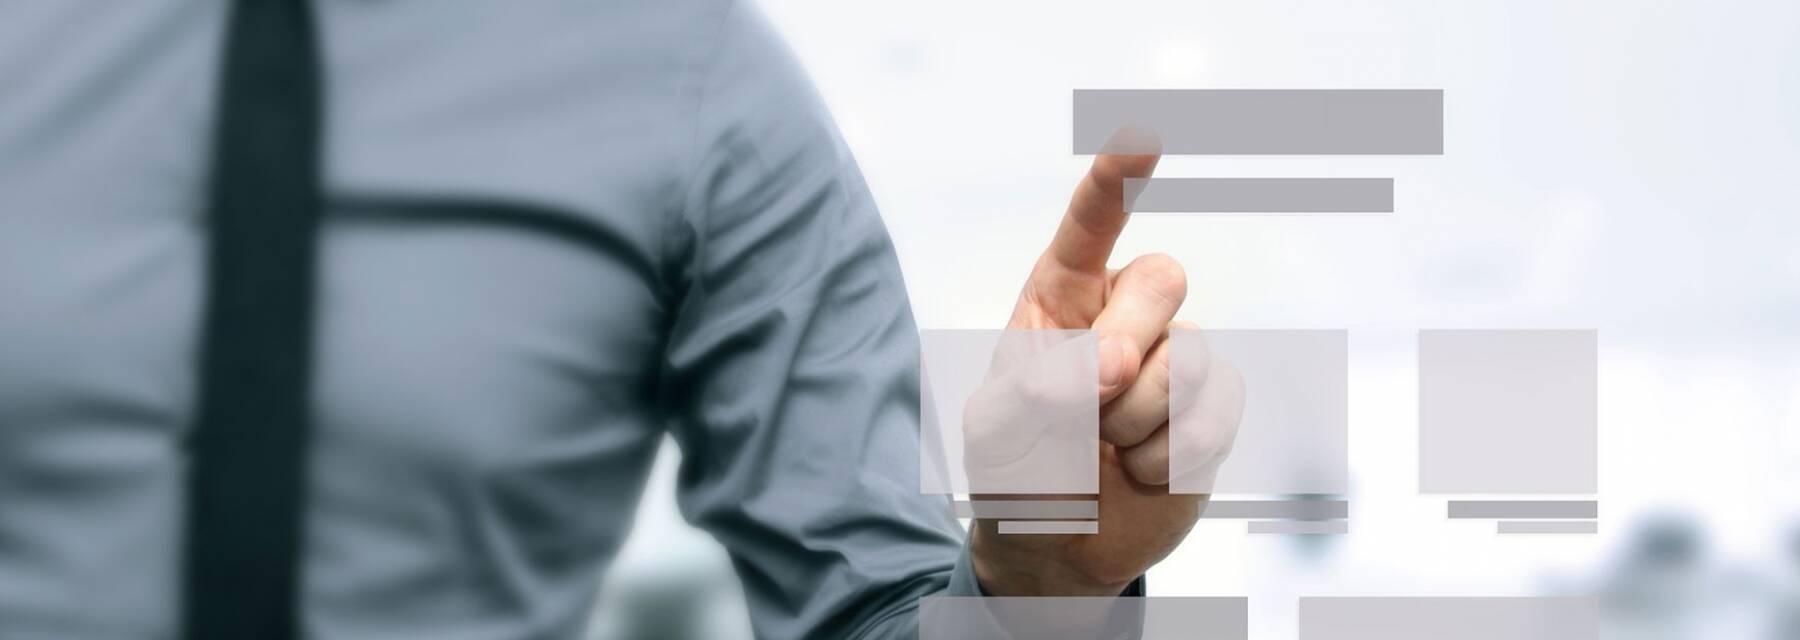 enterprise-web-content-management-services-solutions-company